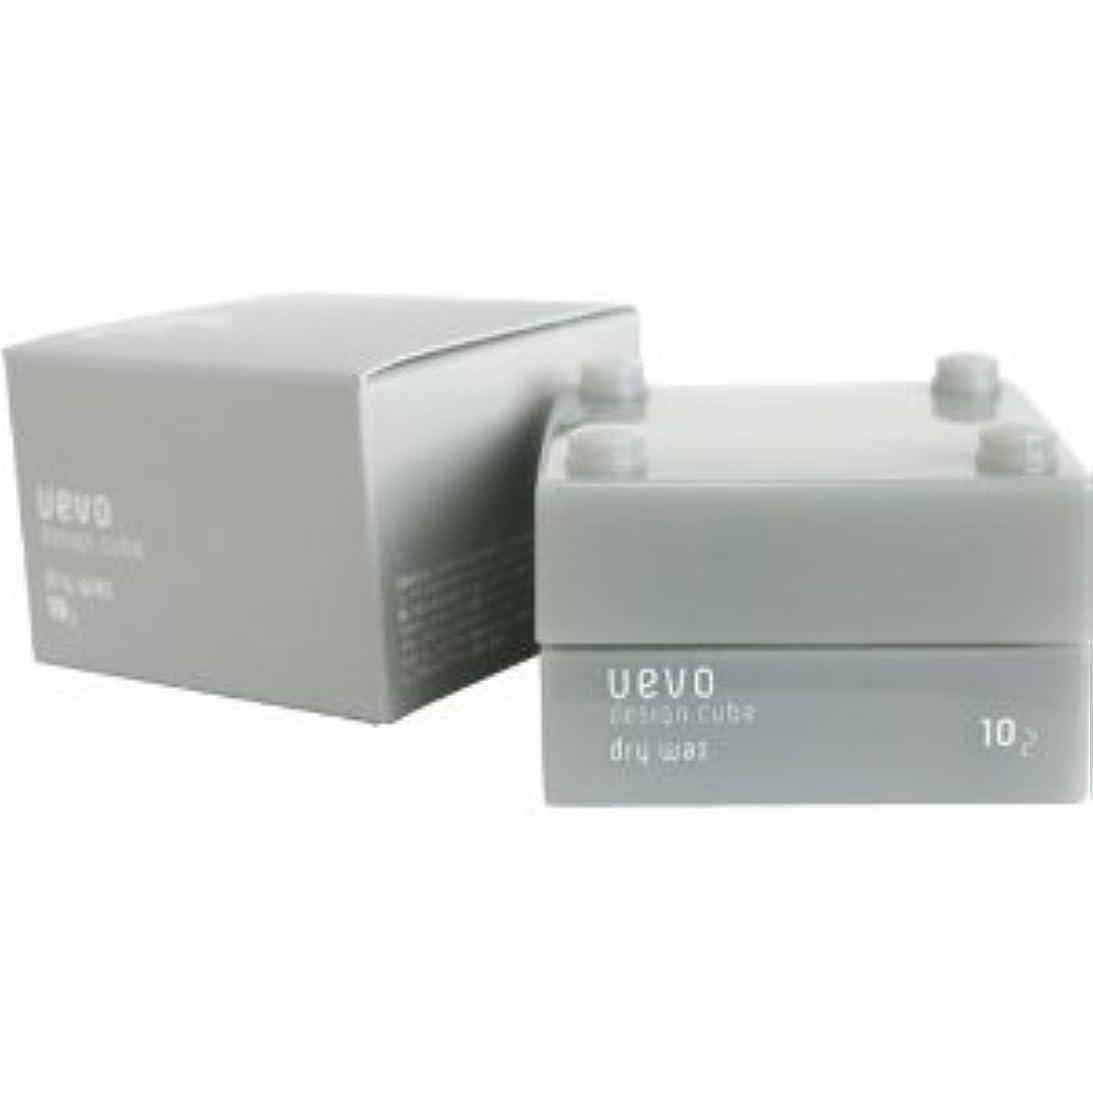 に変わる更新復活する【X2個セット】 デミ ウェーボ デザインキューブ ドライワックス 30g dry wax DEMI uevo design cube